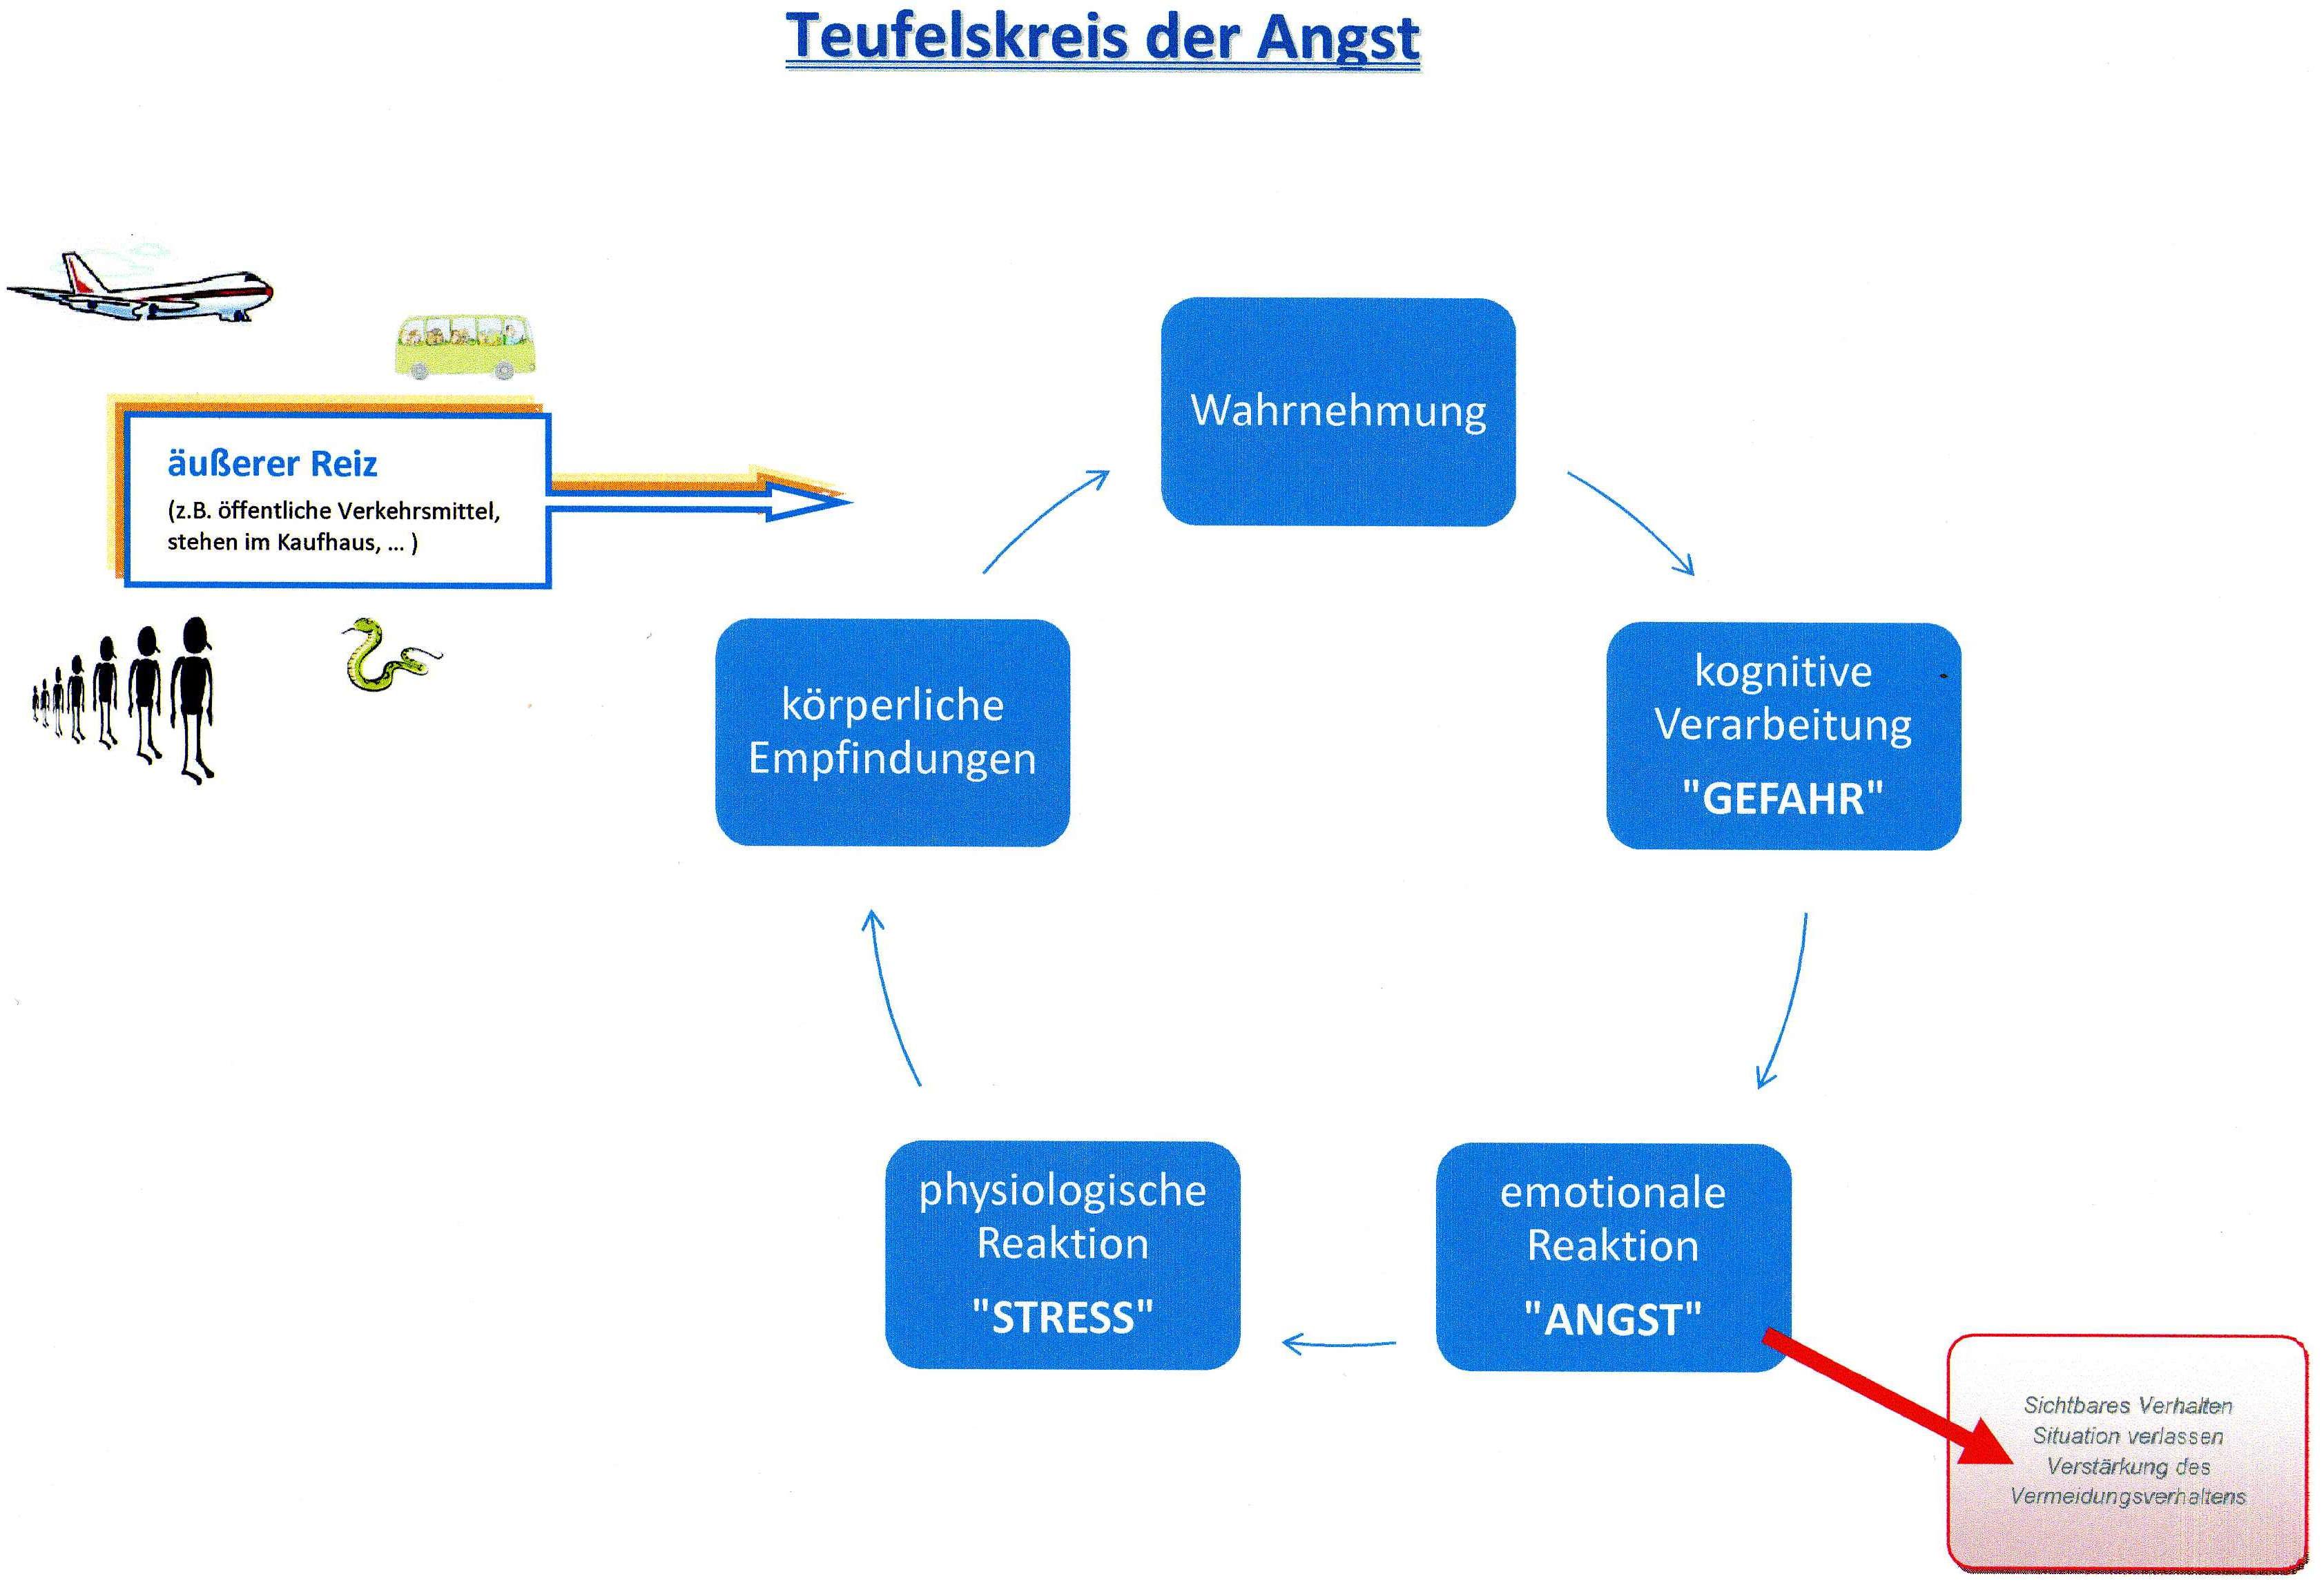 VT - Teufelskreis der Angst